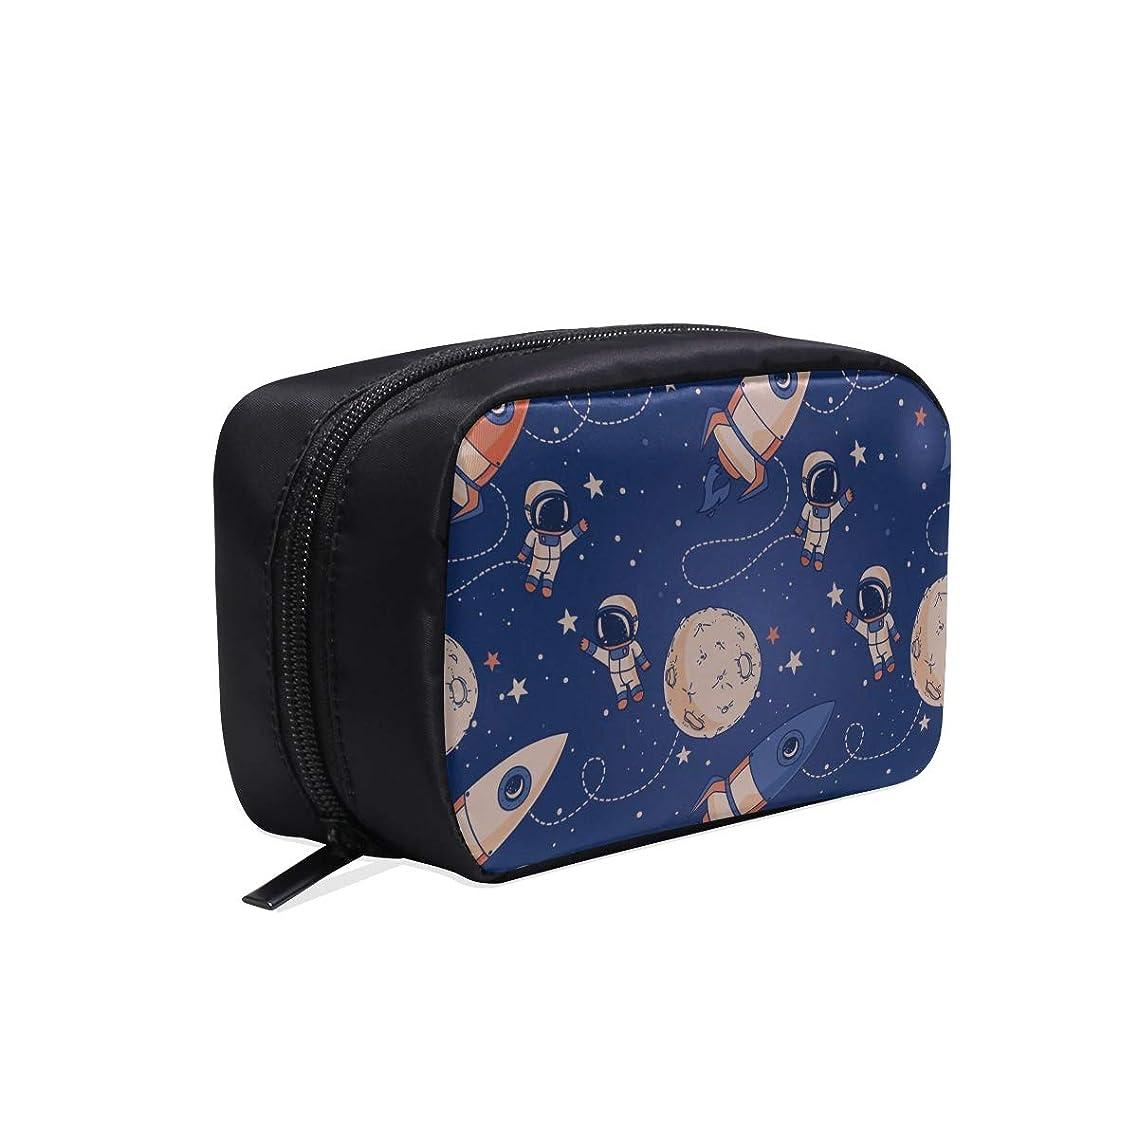 賢い鏡悪いCWSGH メイクポーチ 宇宙飛行士や月 ボックス コスメ収納 化粧品収納ケース 大容量 収納 化粧品入れ 化粧バッグ 旅行用 メイクブラシバッグ 化粧箱 持ち運び便利 プロ用